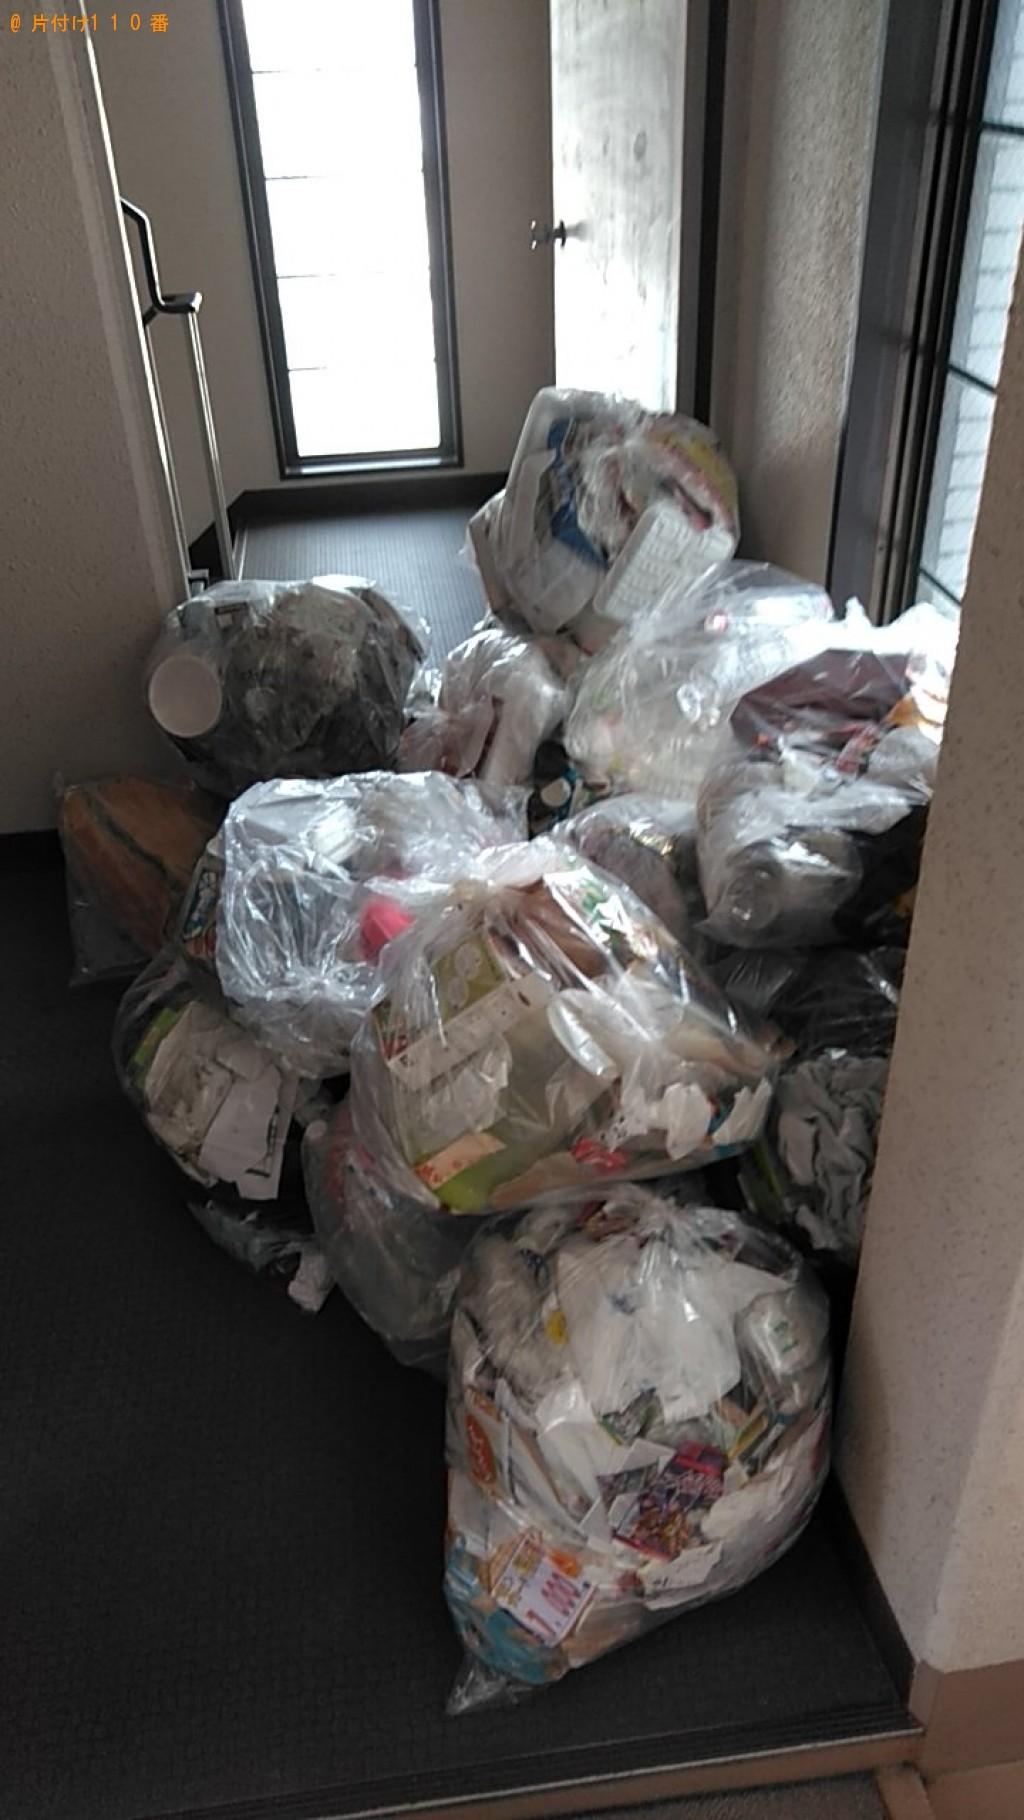 【松山市】軽トラック1台程度の出張不用品の回収・処分ご依頼